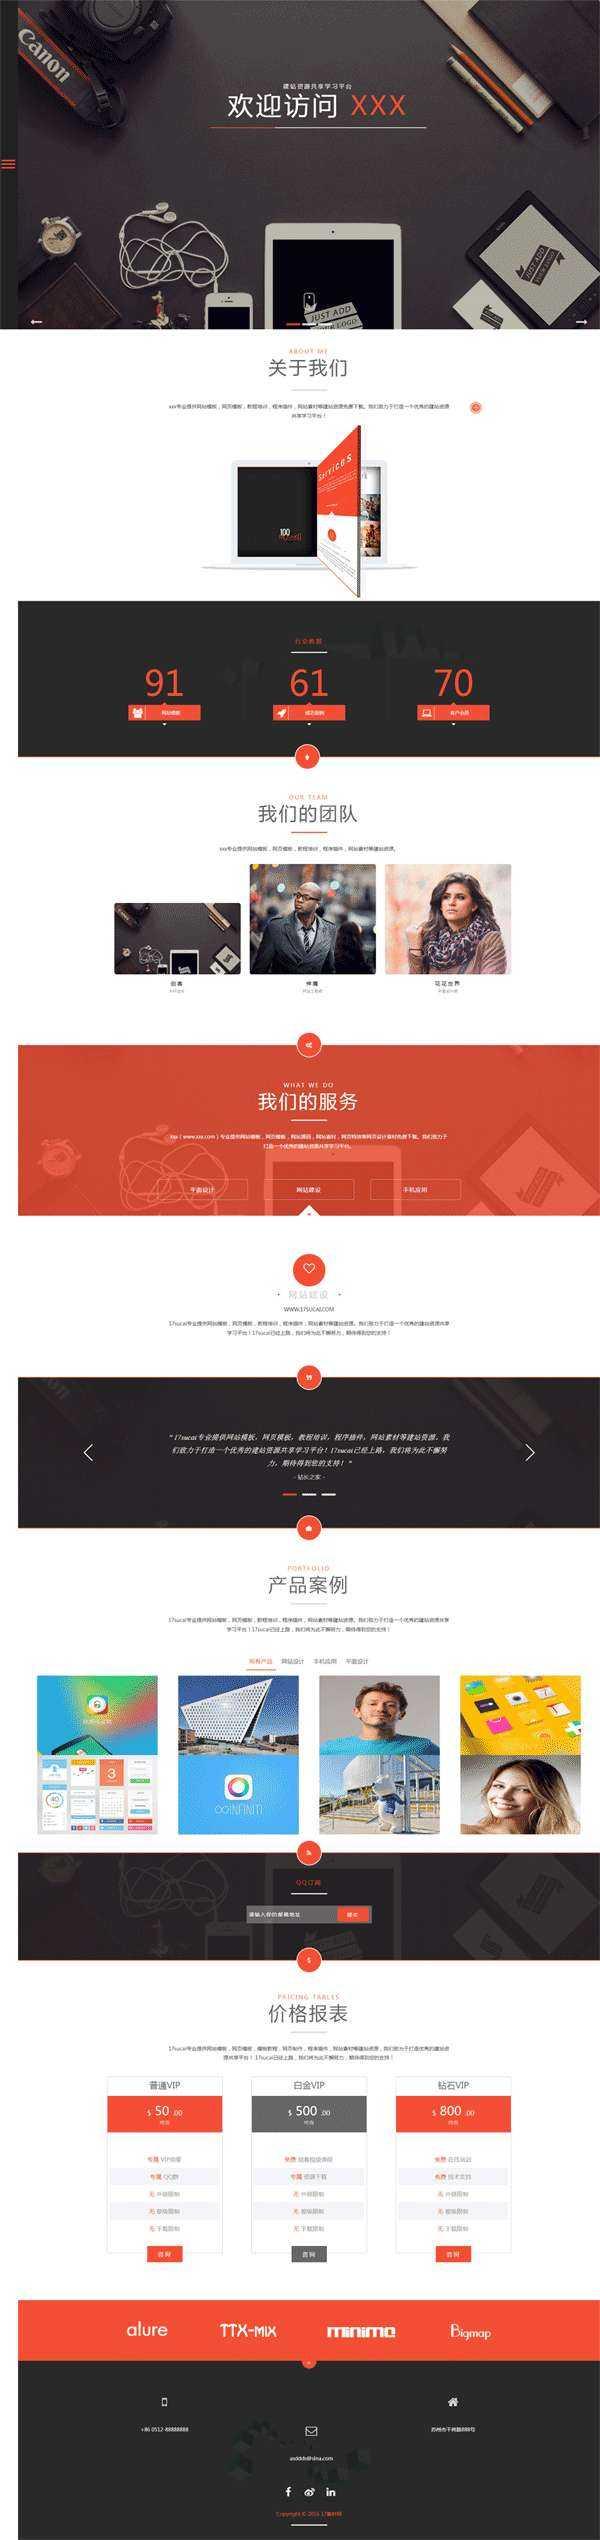 大气HTML5网络广告推广公司介绍响应式模板